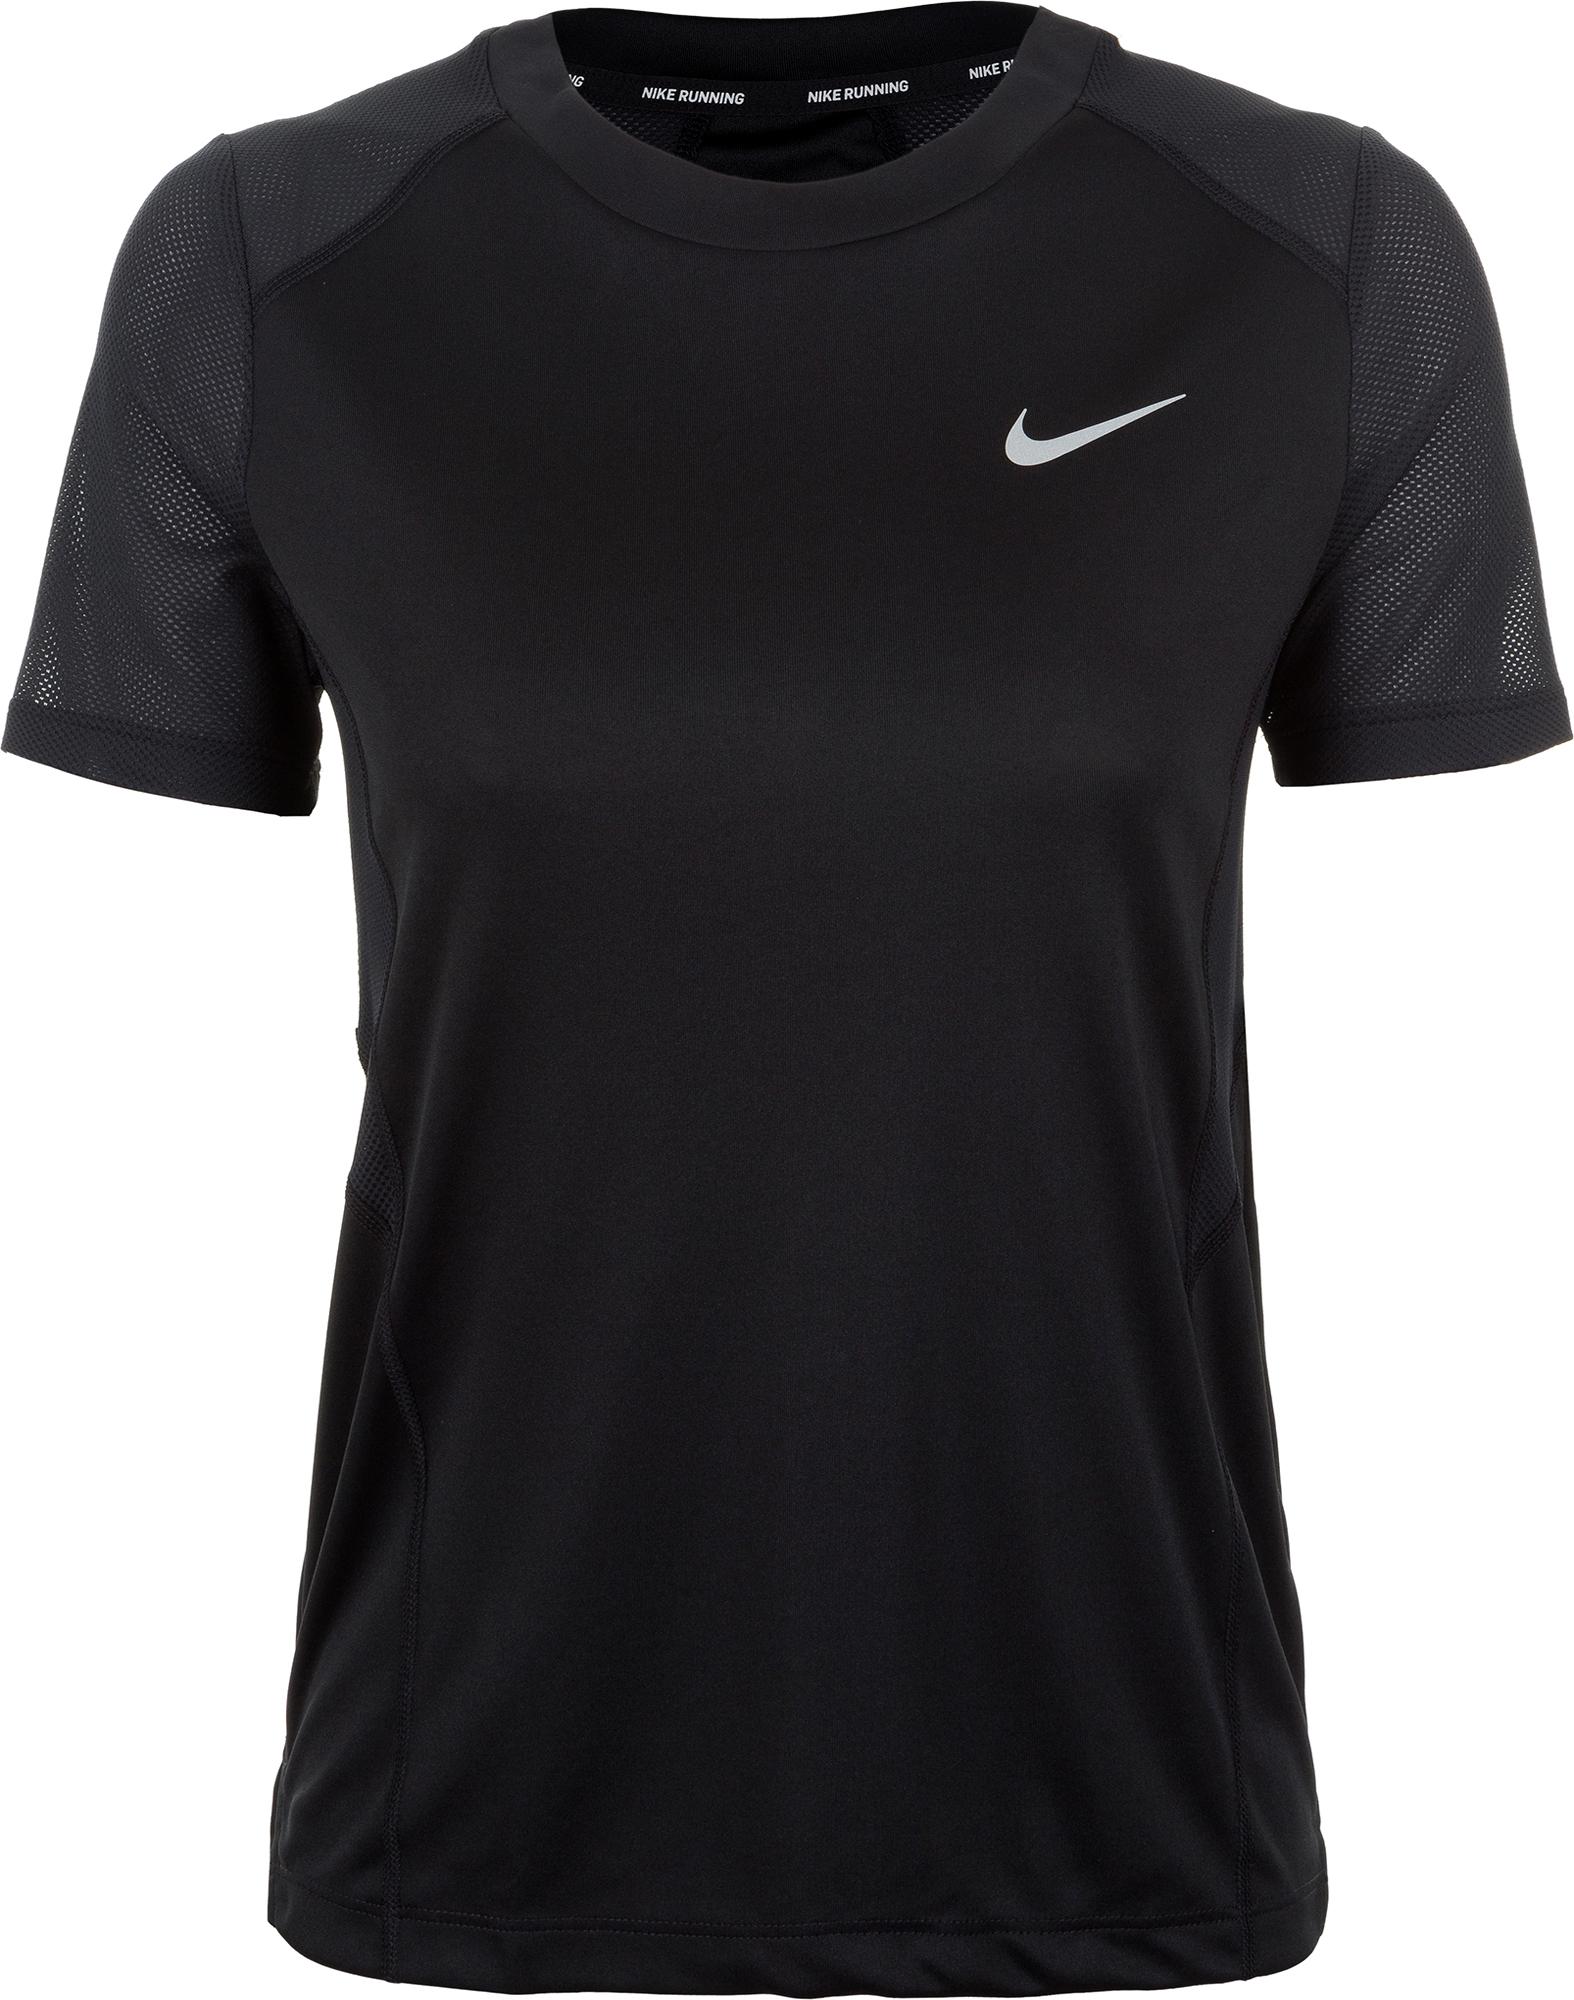 Nike Футболка женская Nike Miler, размер 48-50 футболка женская nike dry miler top ss nv2 цвет черный 890357 010 размер l 48 50